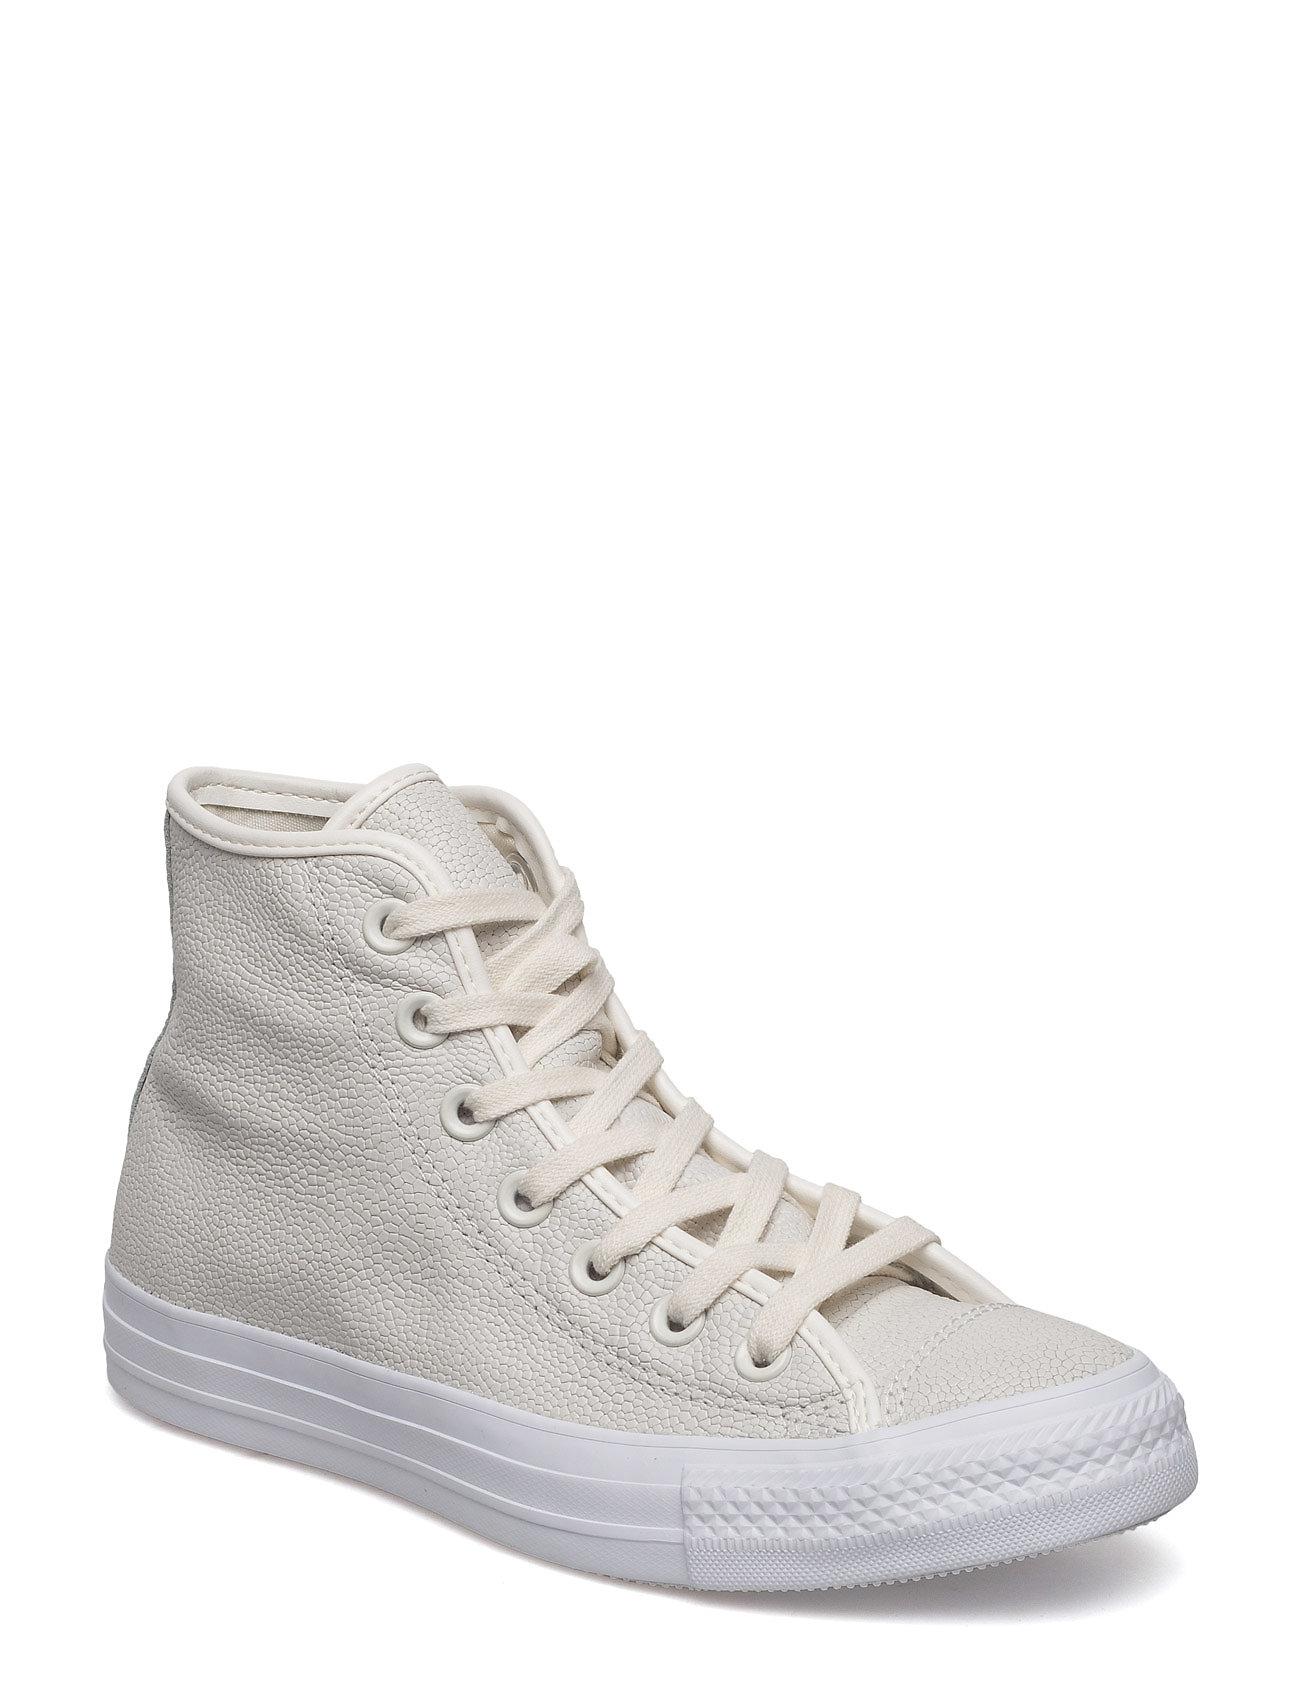 Ctas Hi Egret/Egret/White Converse Sneakers til Damer i Knogle